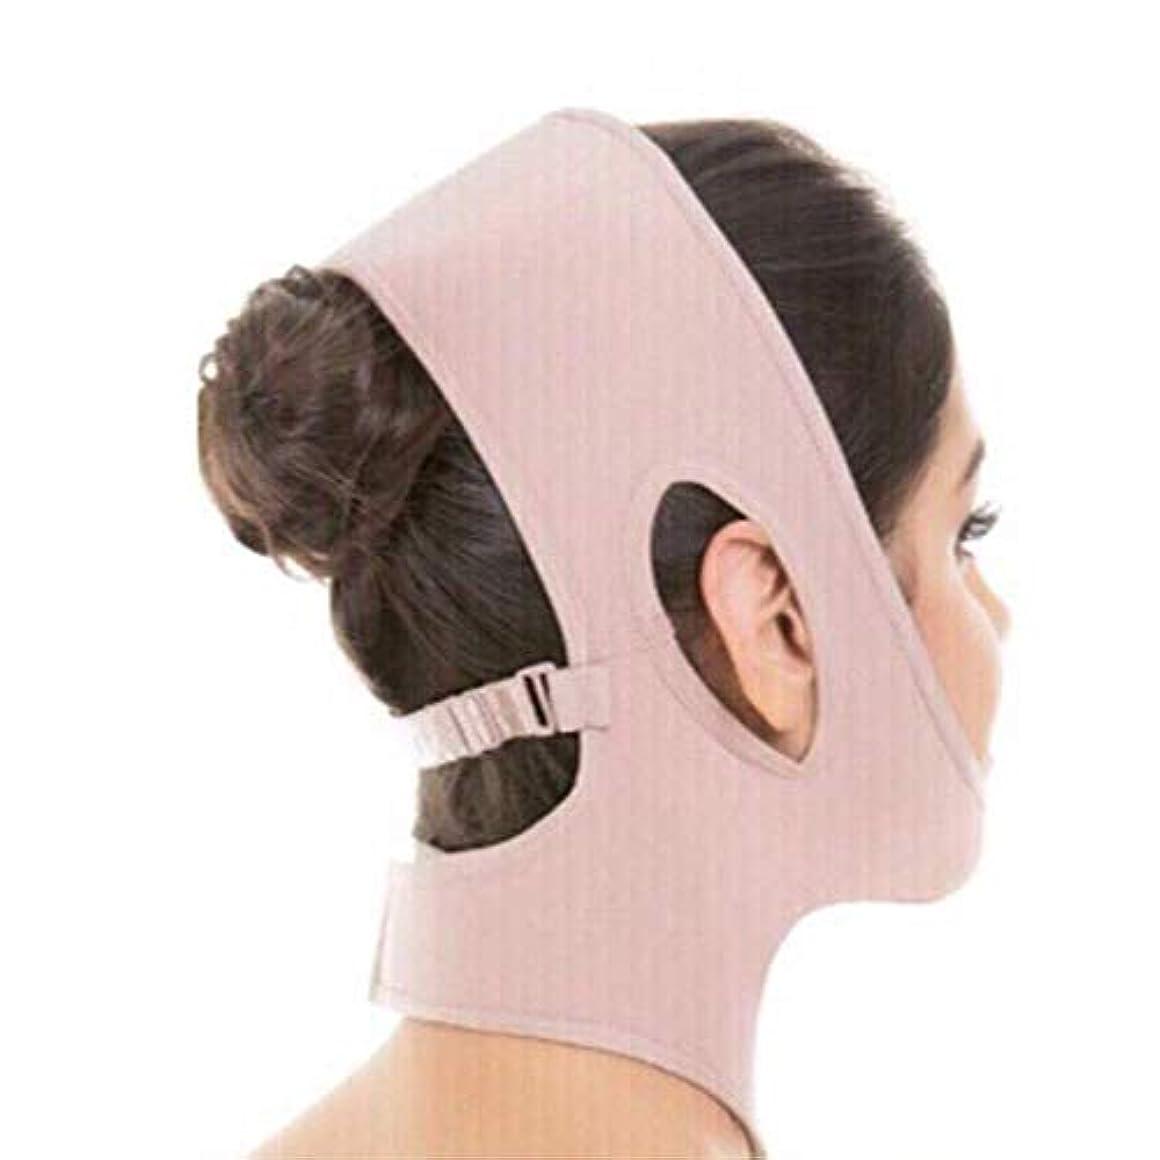 とてもお酢犯すフェイスリフティングバンデージ、フェイスリフティングマスク、顔面の首と首を持ち上げる、顔を持ち上げて二重あごを減らす(フリーサイズ)(カラー:カーキ色),カーキ